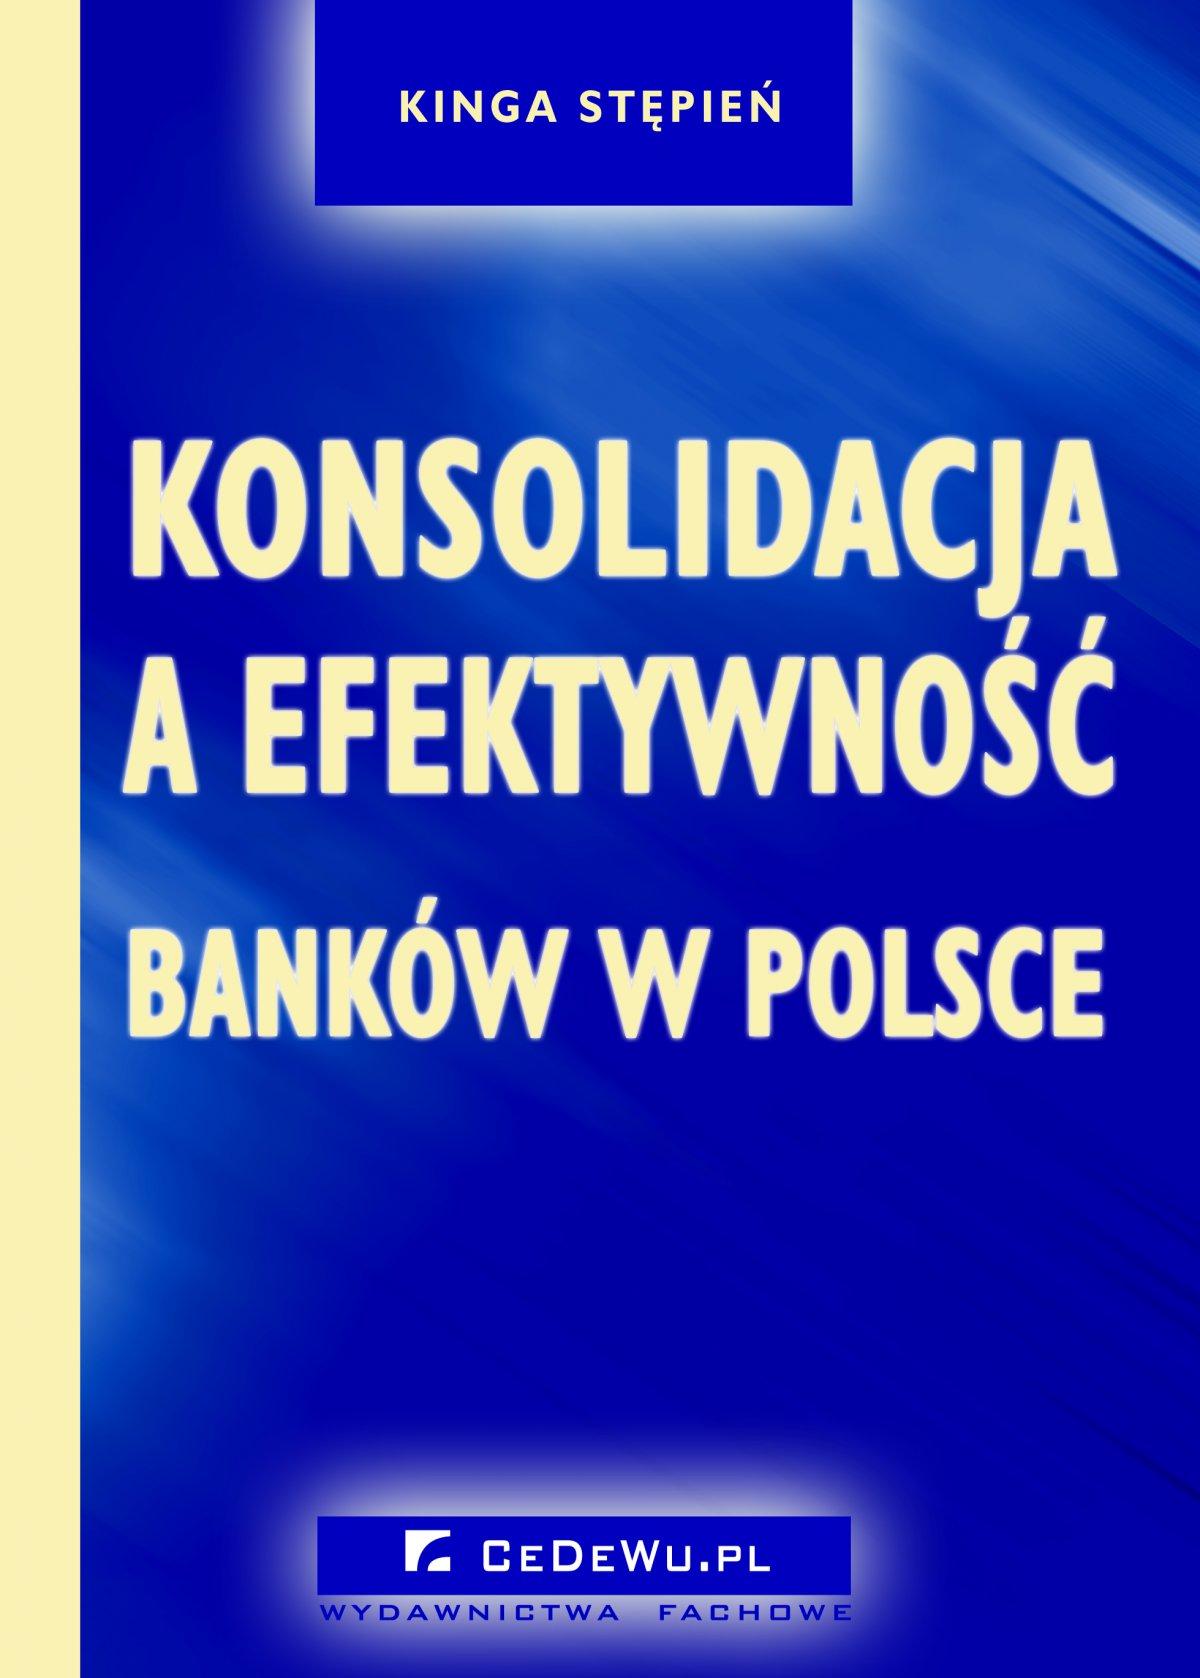 Konsolidacja a efektywność banków w Polsce. Rozdział 5. METODYKA BADANIA WPŁYWU KONSOLIDACJI NA EFEKTYWNOŚĆ W SEKTORZE BANKOWYM - Ebook (Książka PDF) do pobrania w formacie PDF